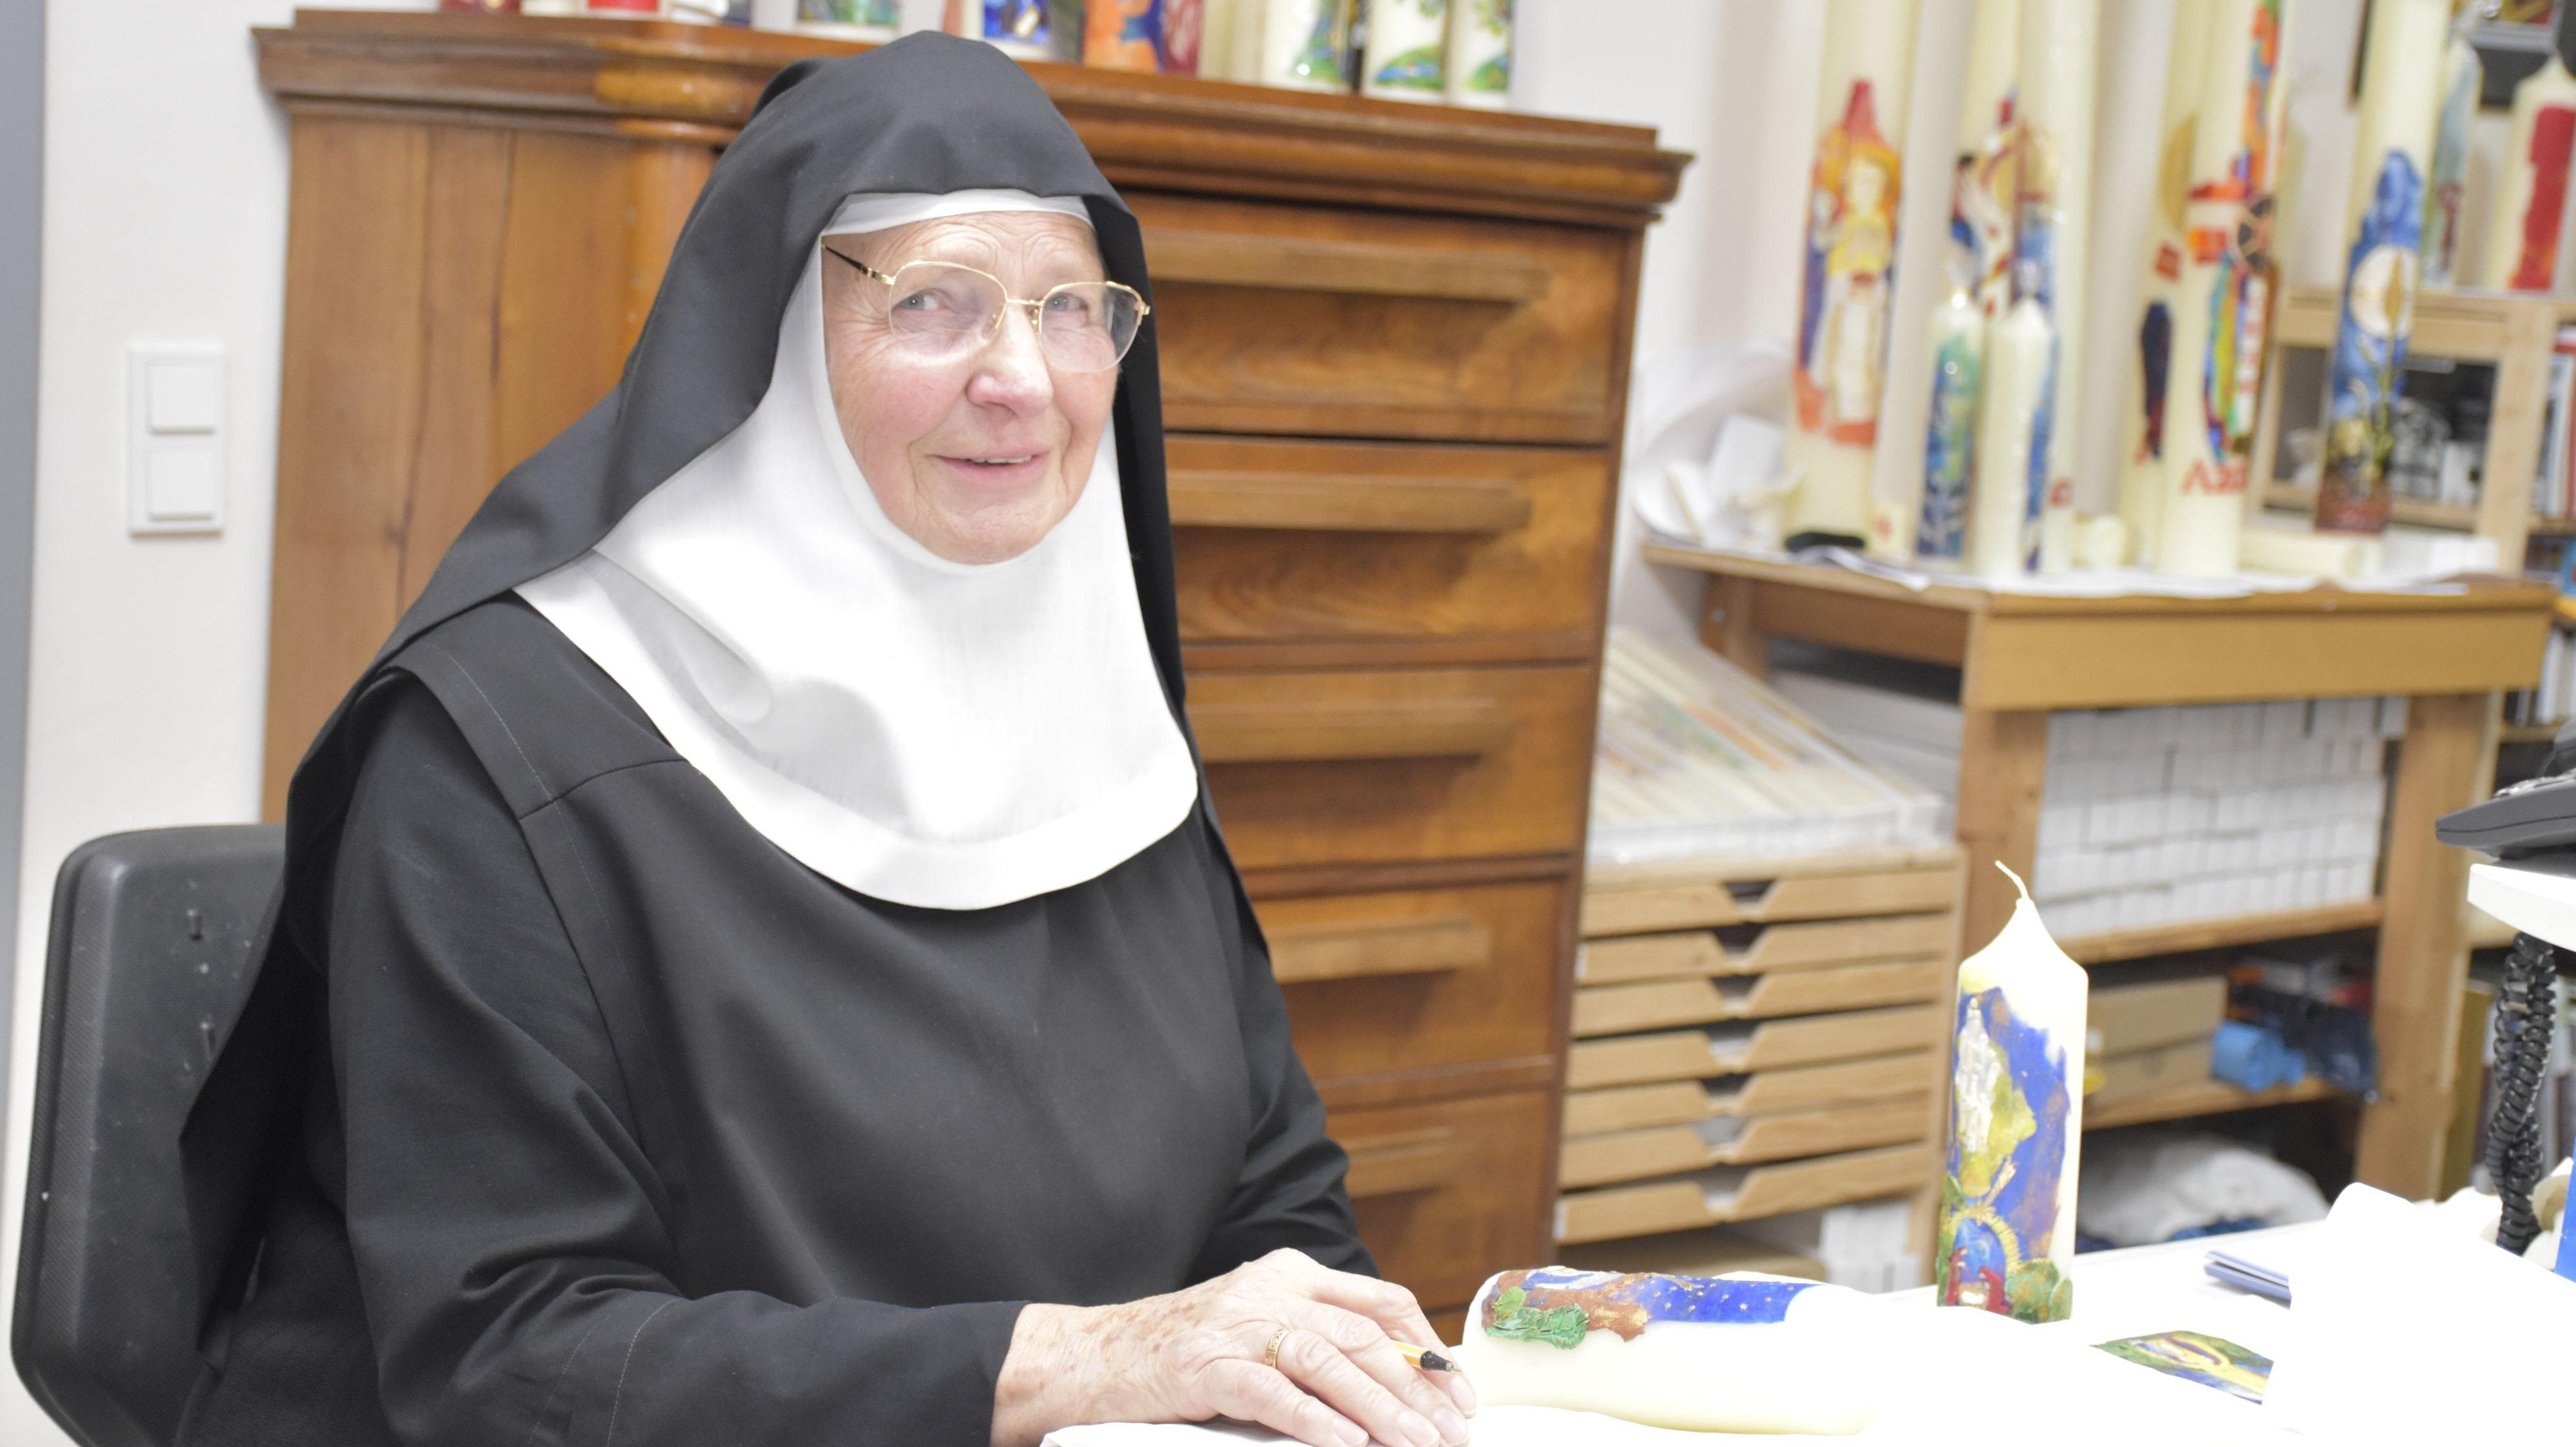 Jedes Stück ist ein Unikat: Schwester Veronika Scharnberg im Dinklager Kloster gestaltet kunstvolle Kerzen. Foto: Scholz